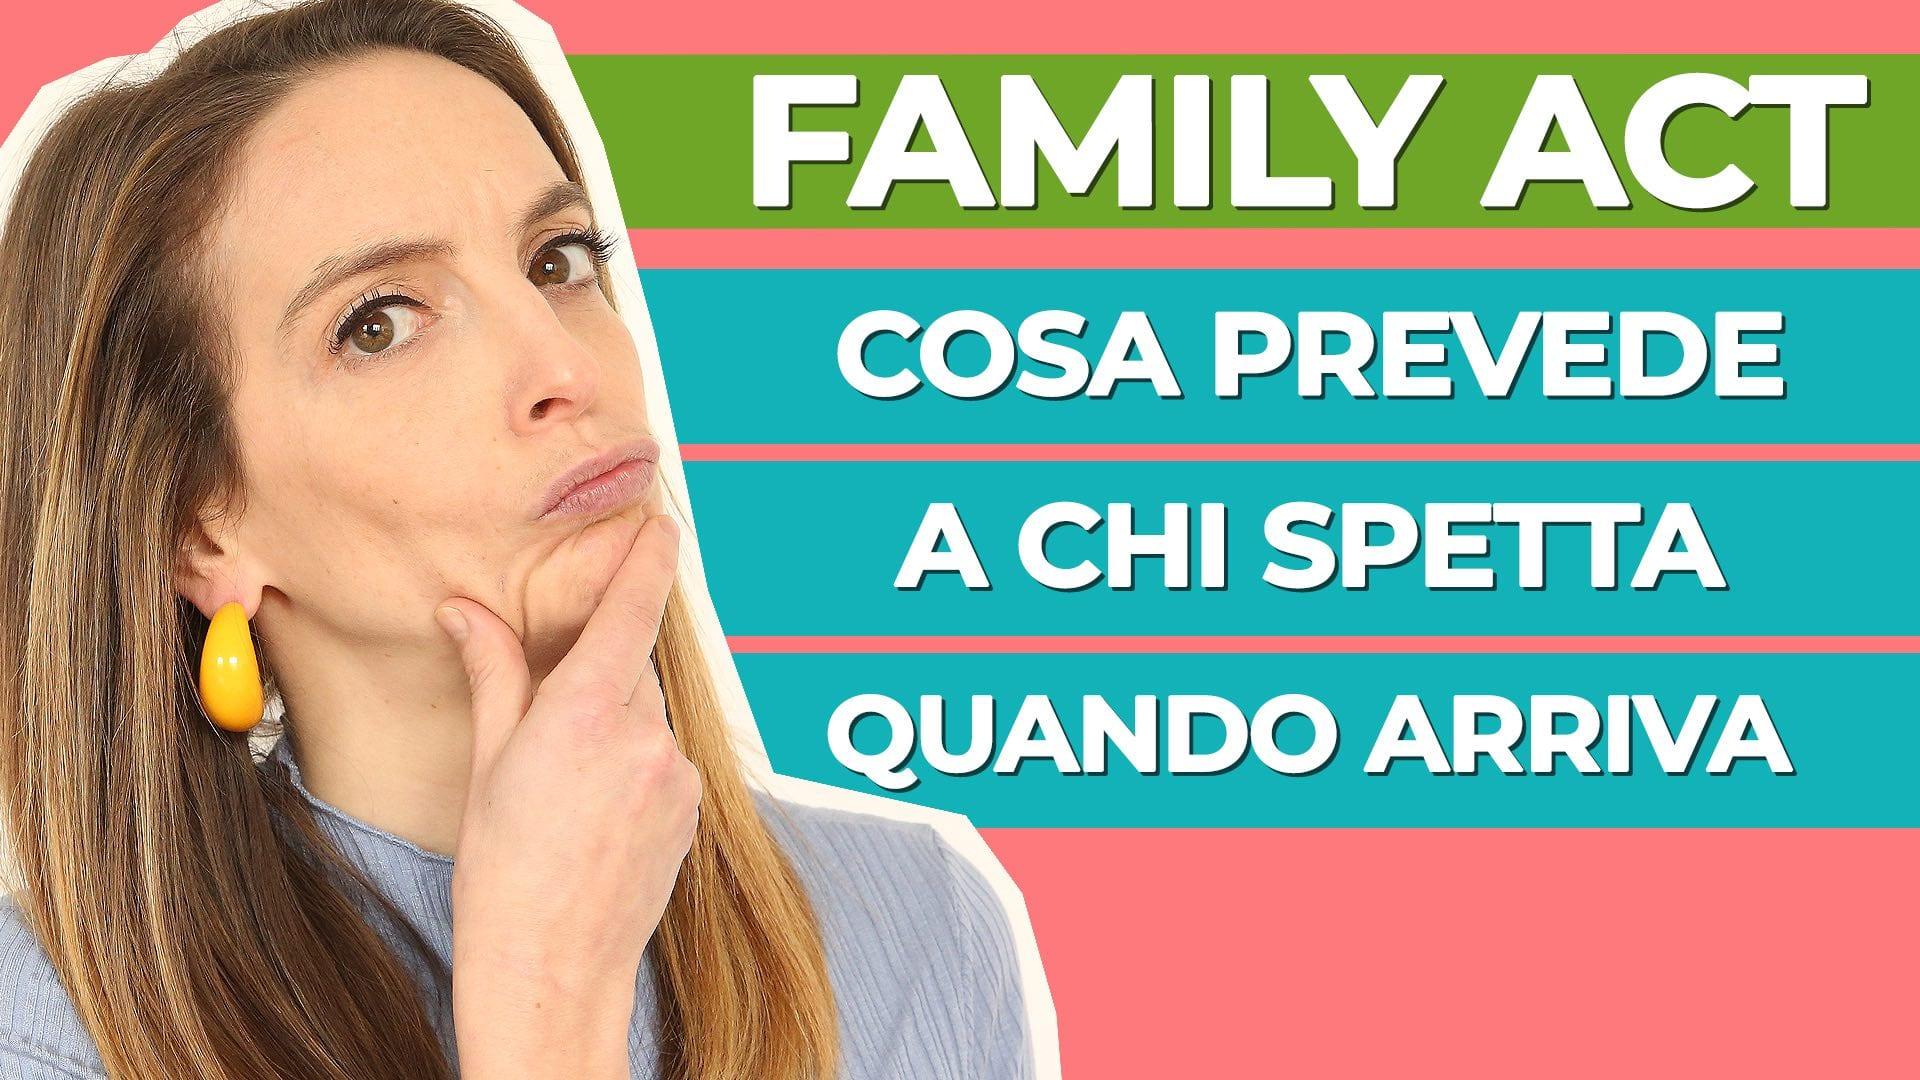 FAMILY ACT: A CHI SPETTA E COSA PREVEDE?